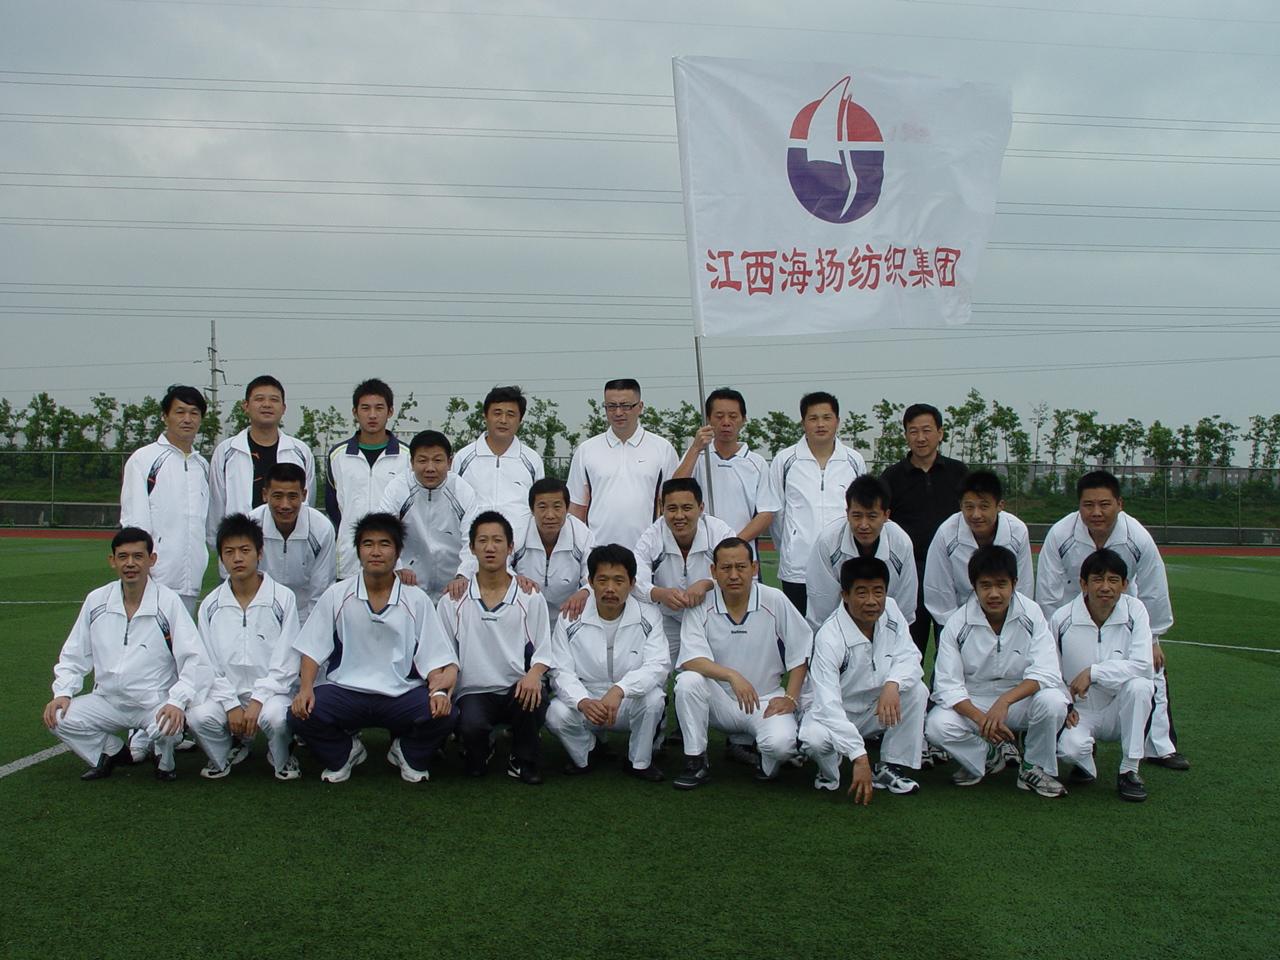 集团组织足球队参加江西省首届体运会并获二等奖